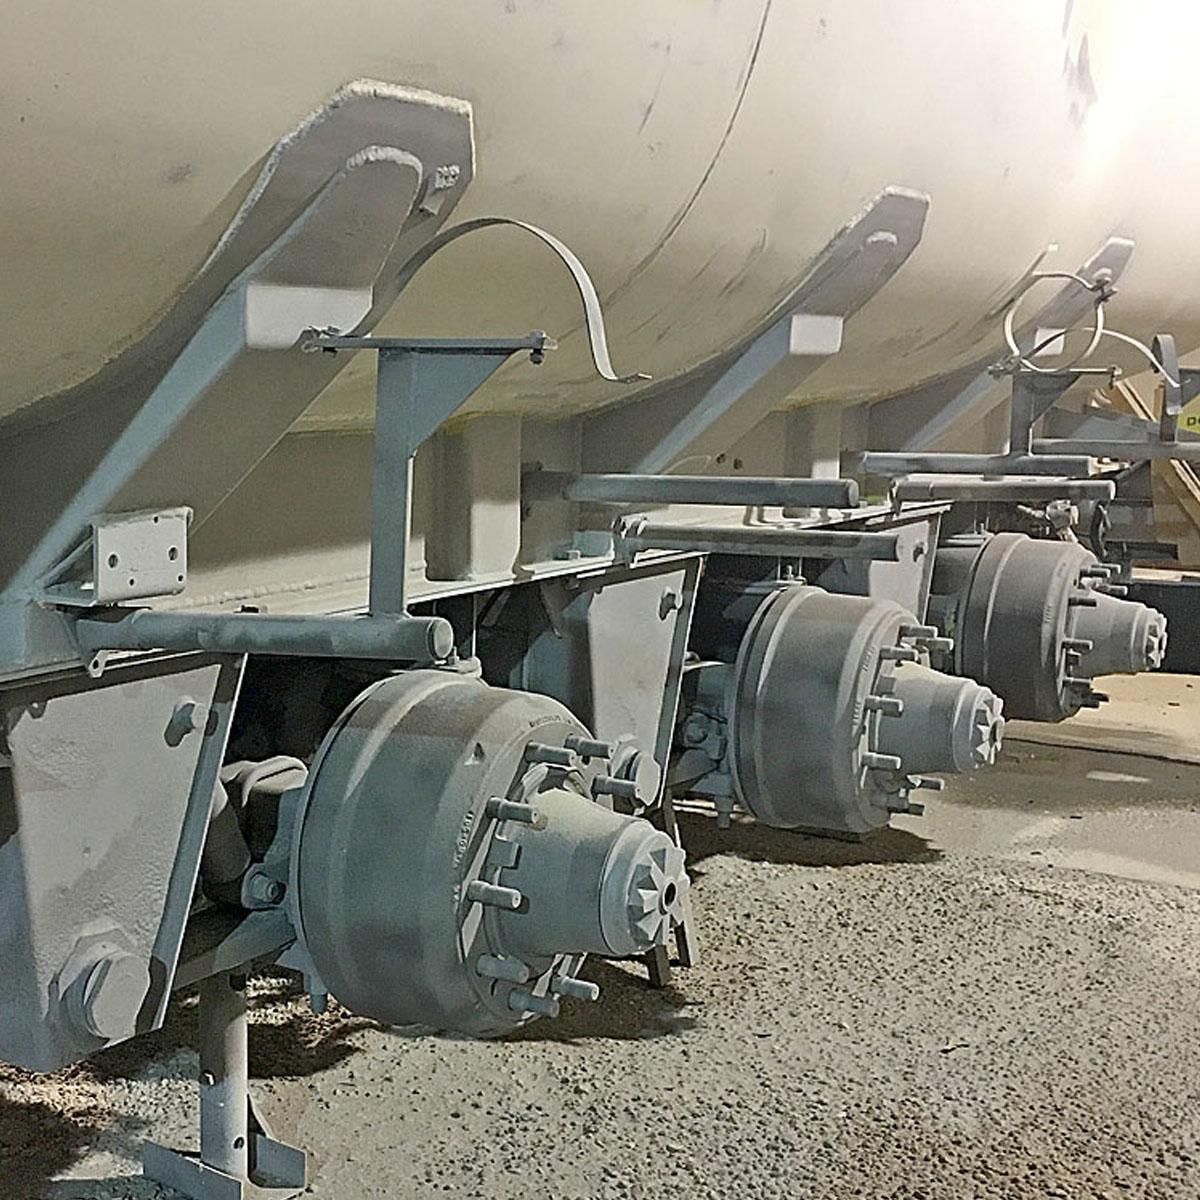 Mantenimiento y reparación de sus equipos, cisternas, hormigoneras